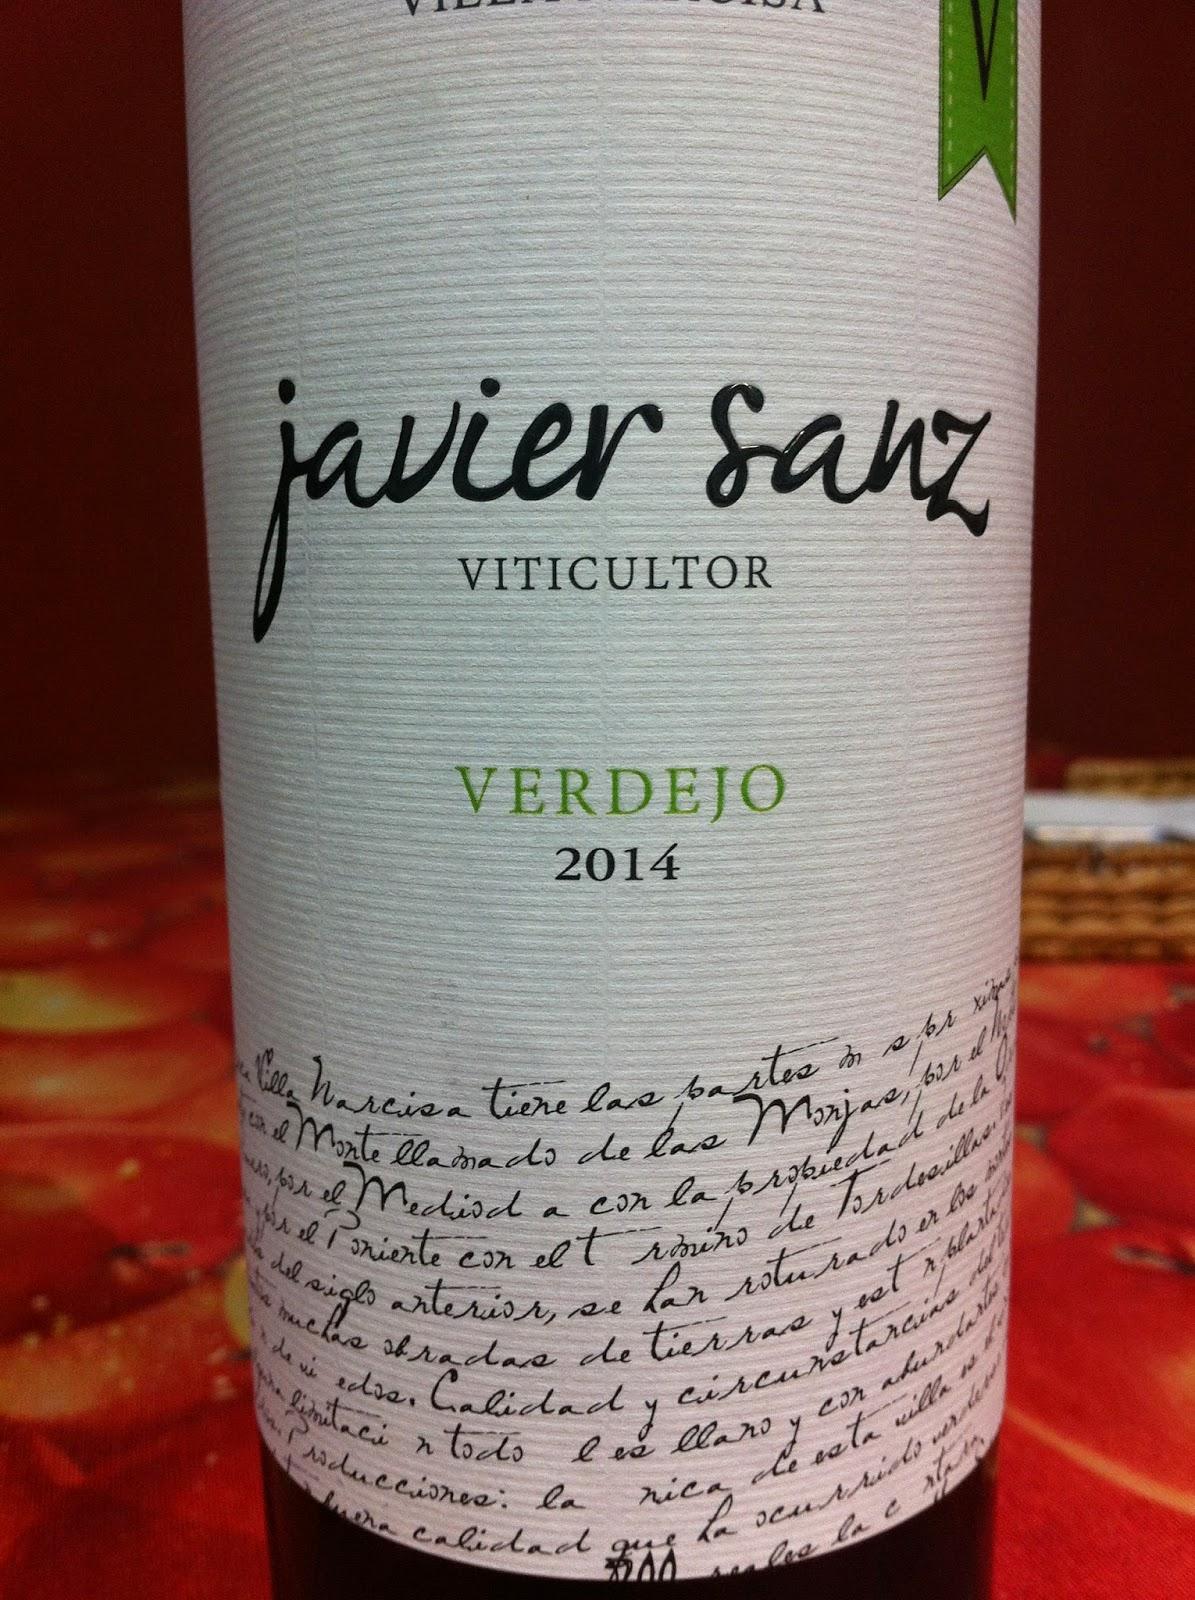 javier-sanz-verdejo-2014-rueda-blanco